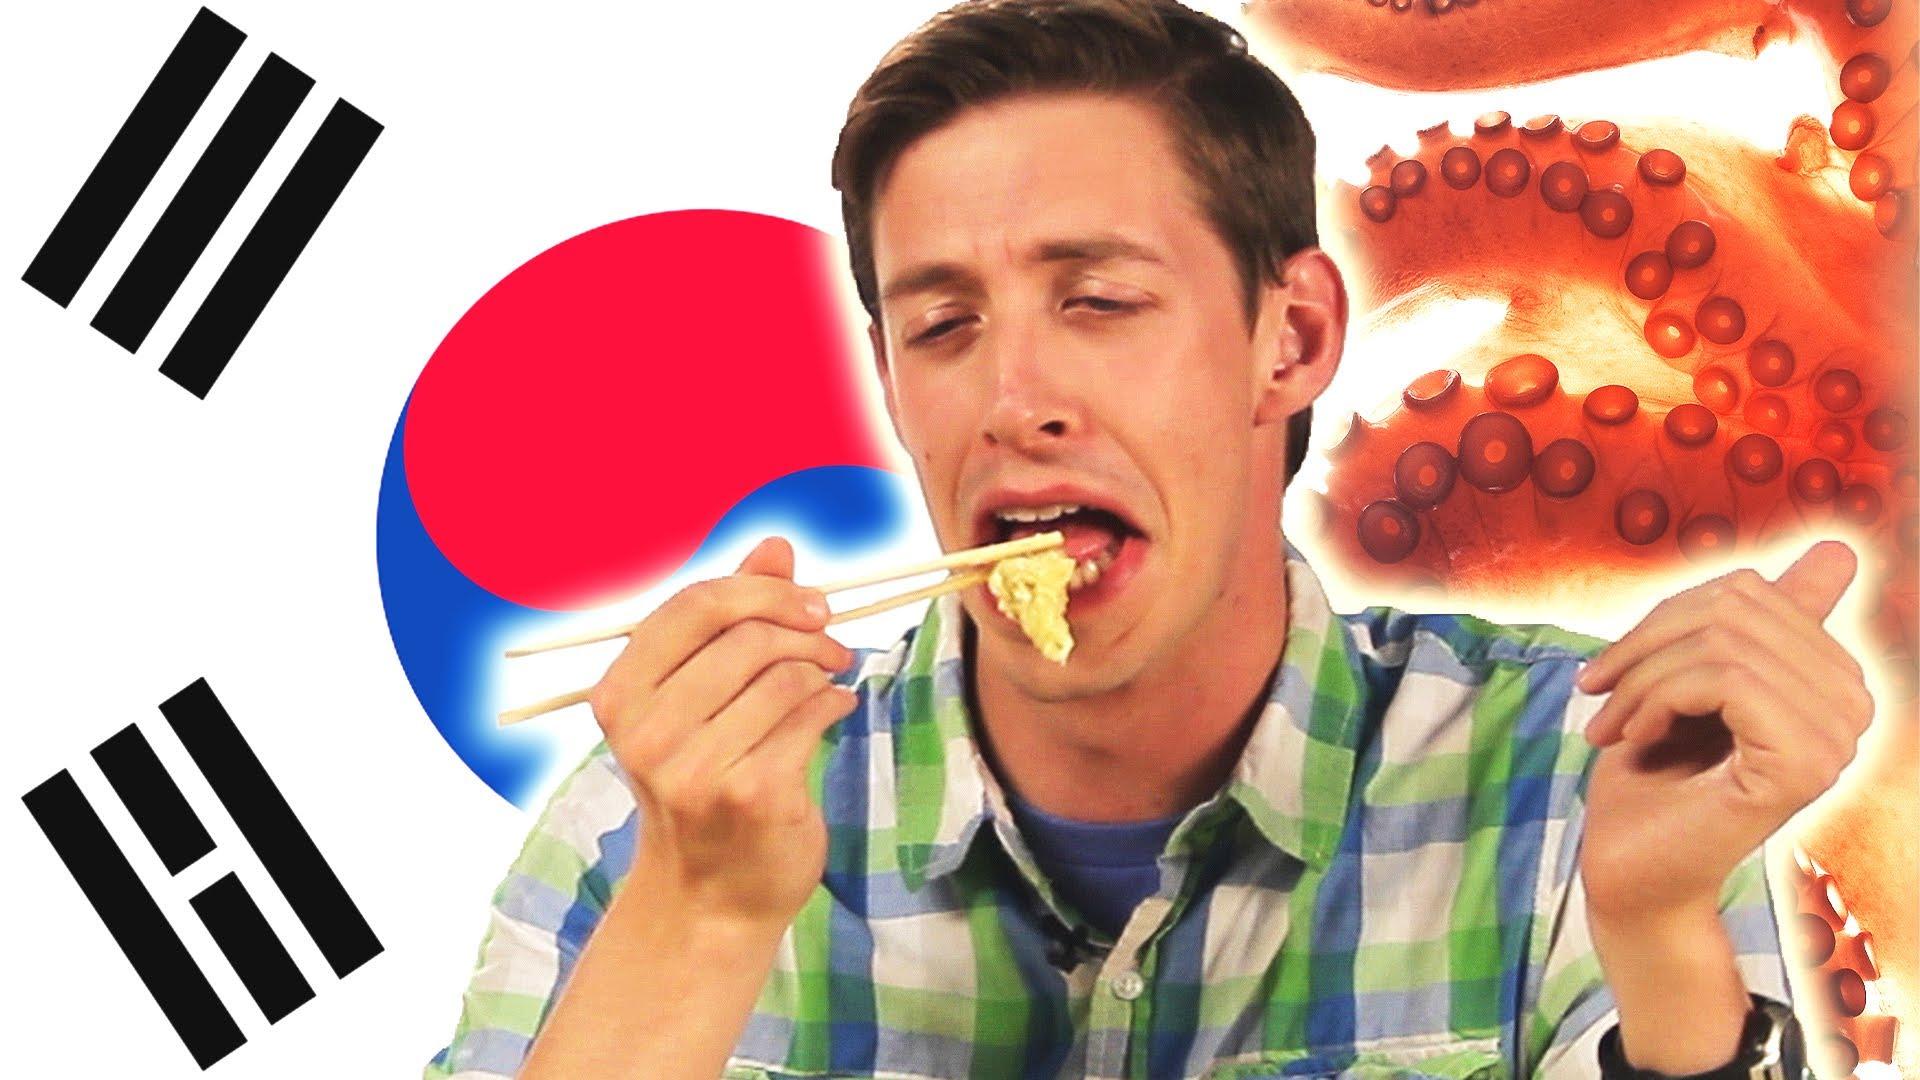 気絶寸前大パニック?!アメリカ人がアジア料理に挑戦した結果…